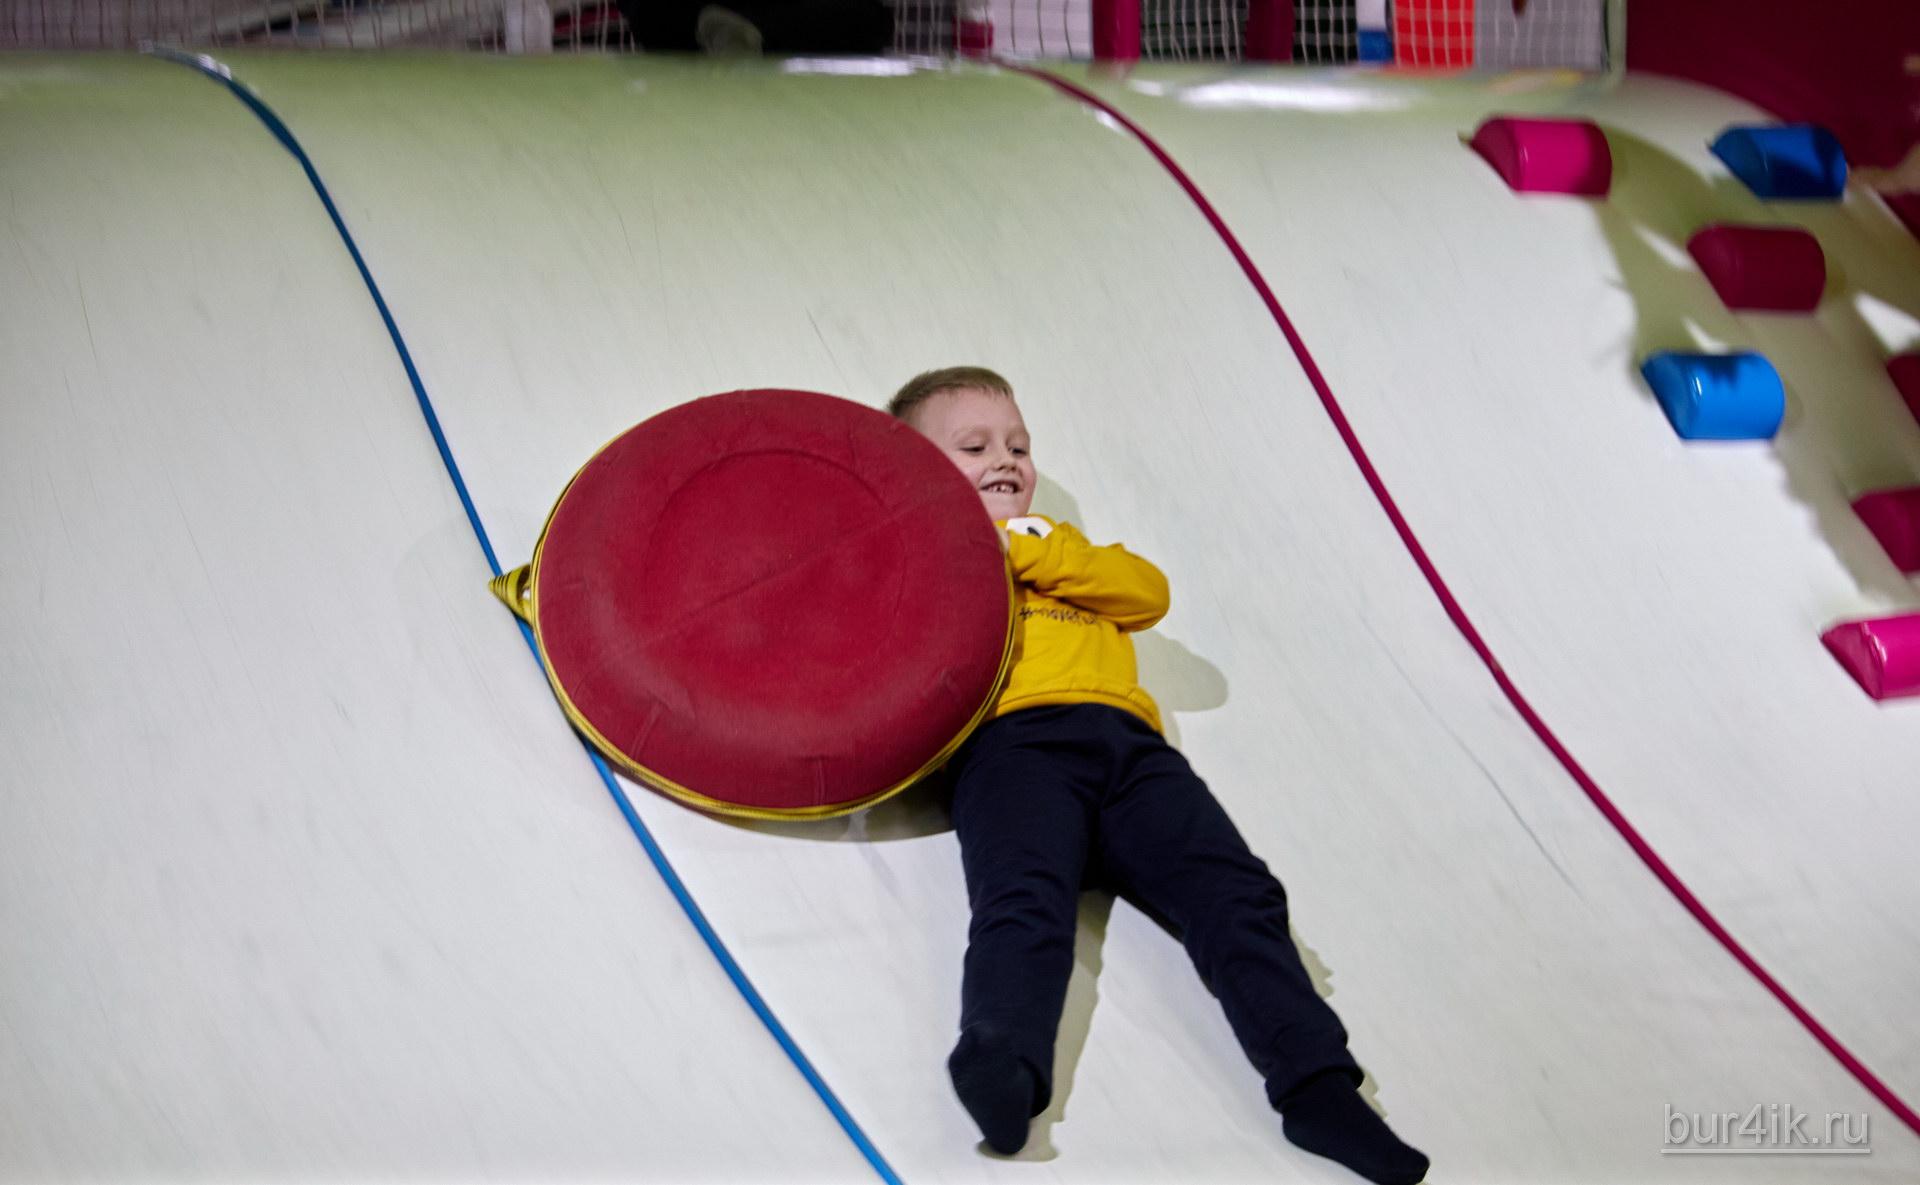 Фото Детское День Рождения в Детский Дворик 15.01.2020 №287 -photo- bur4ik.ru